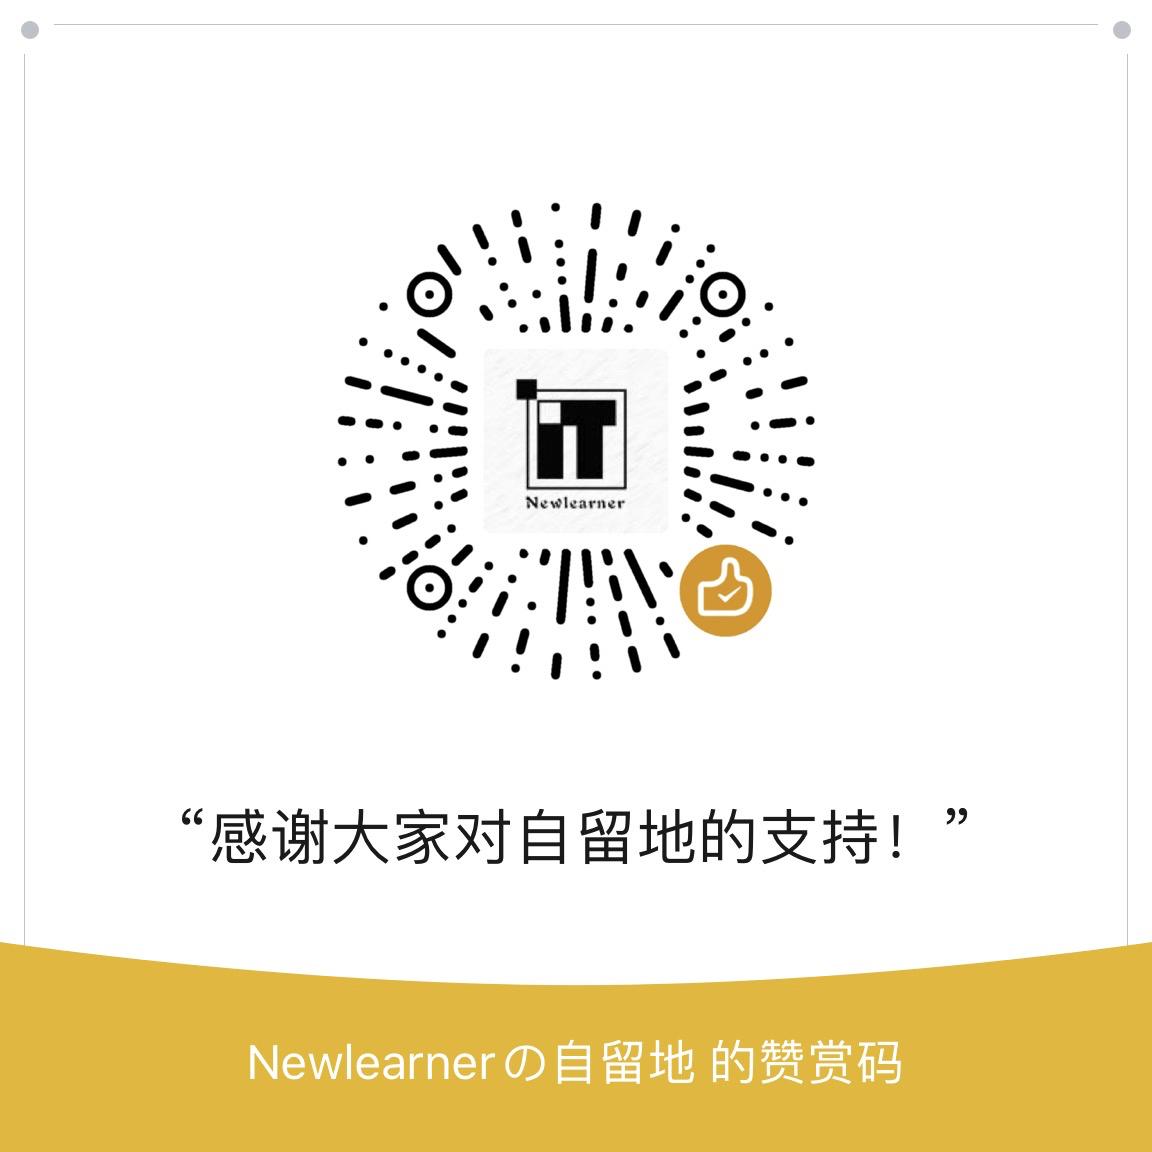 《一群人的自留地 —— 写在 Newlearnerの自留地成立两周年》